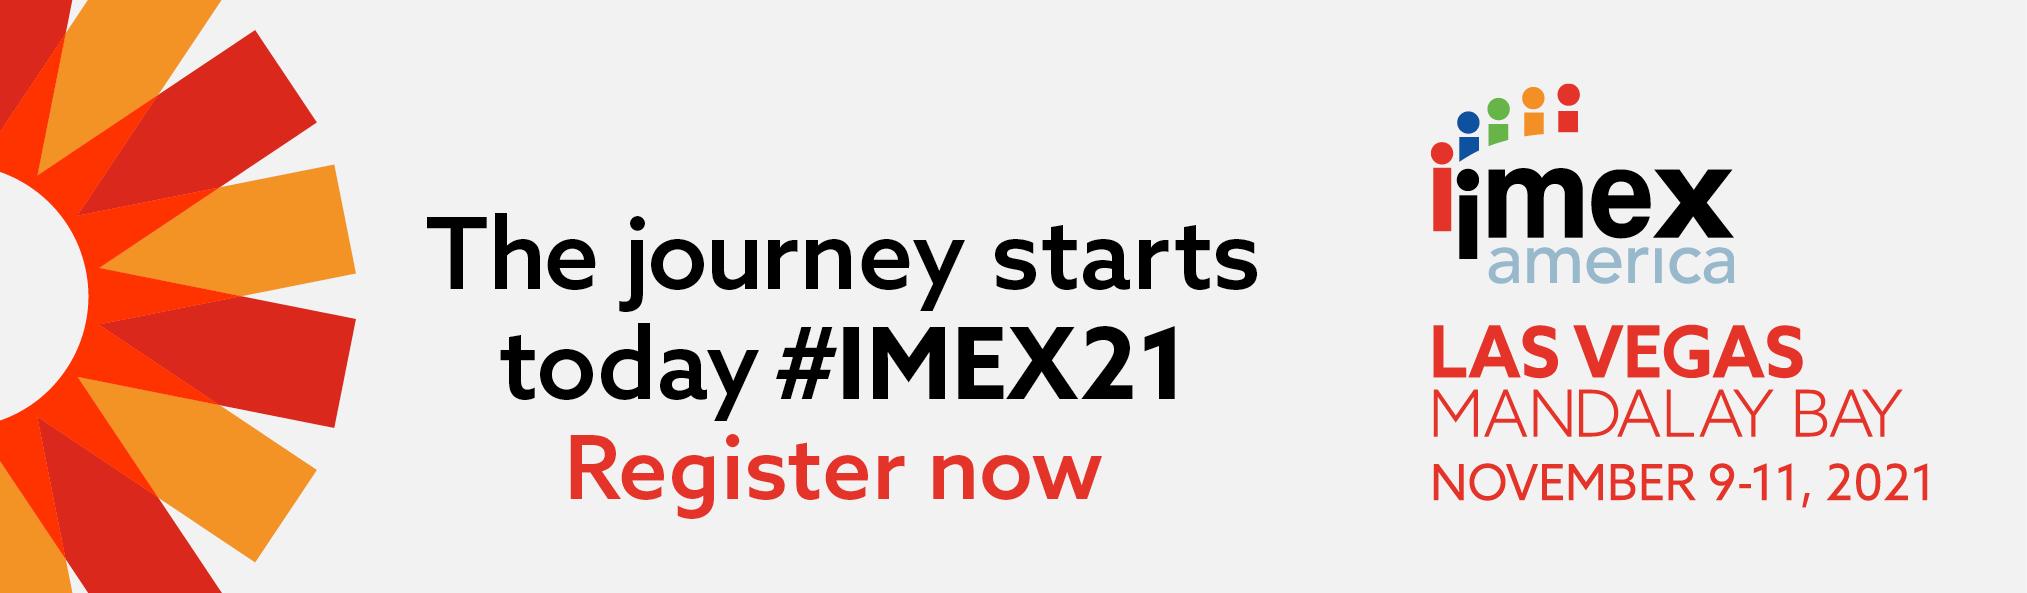 IMEX-America-2021 (2)